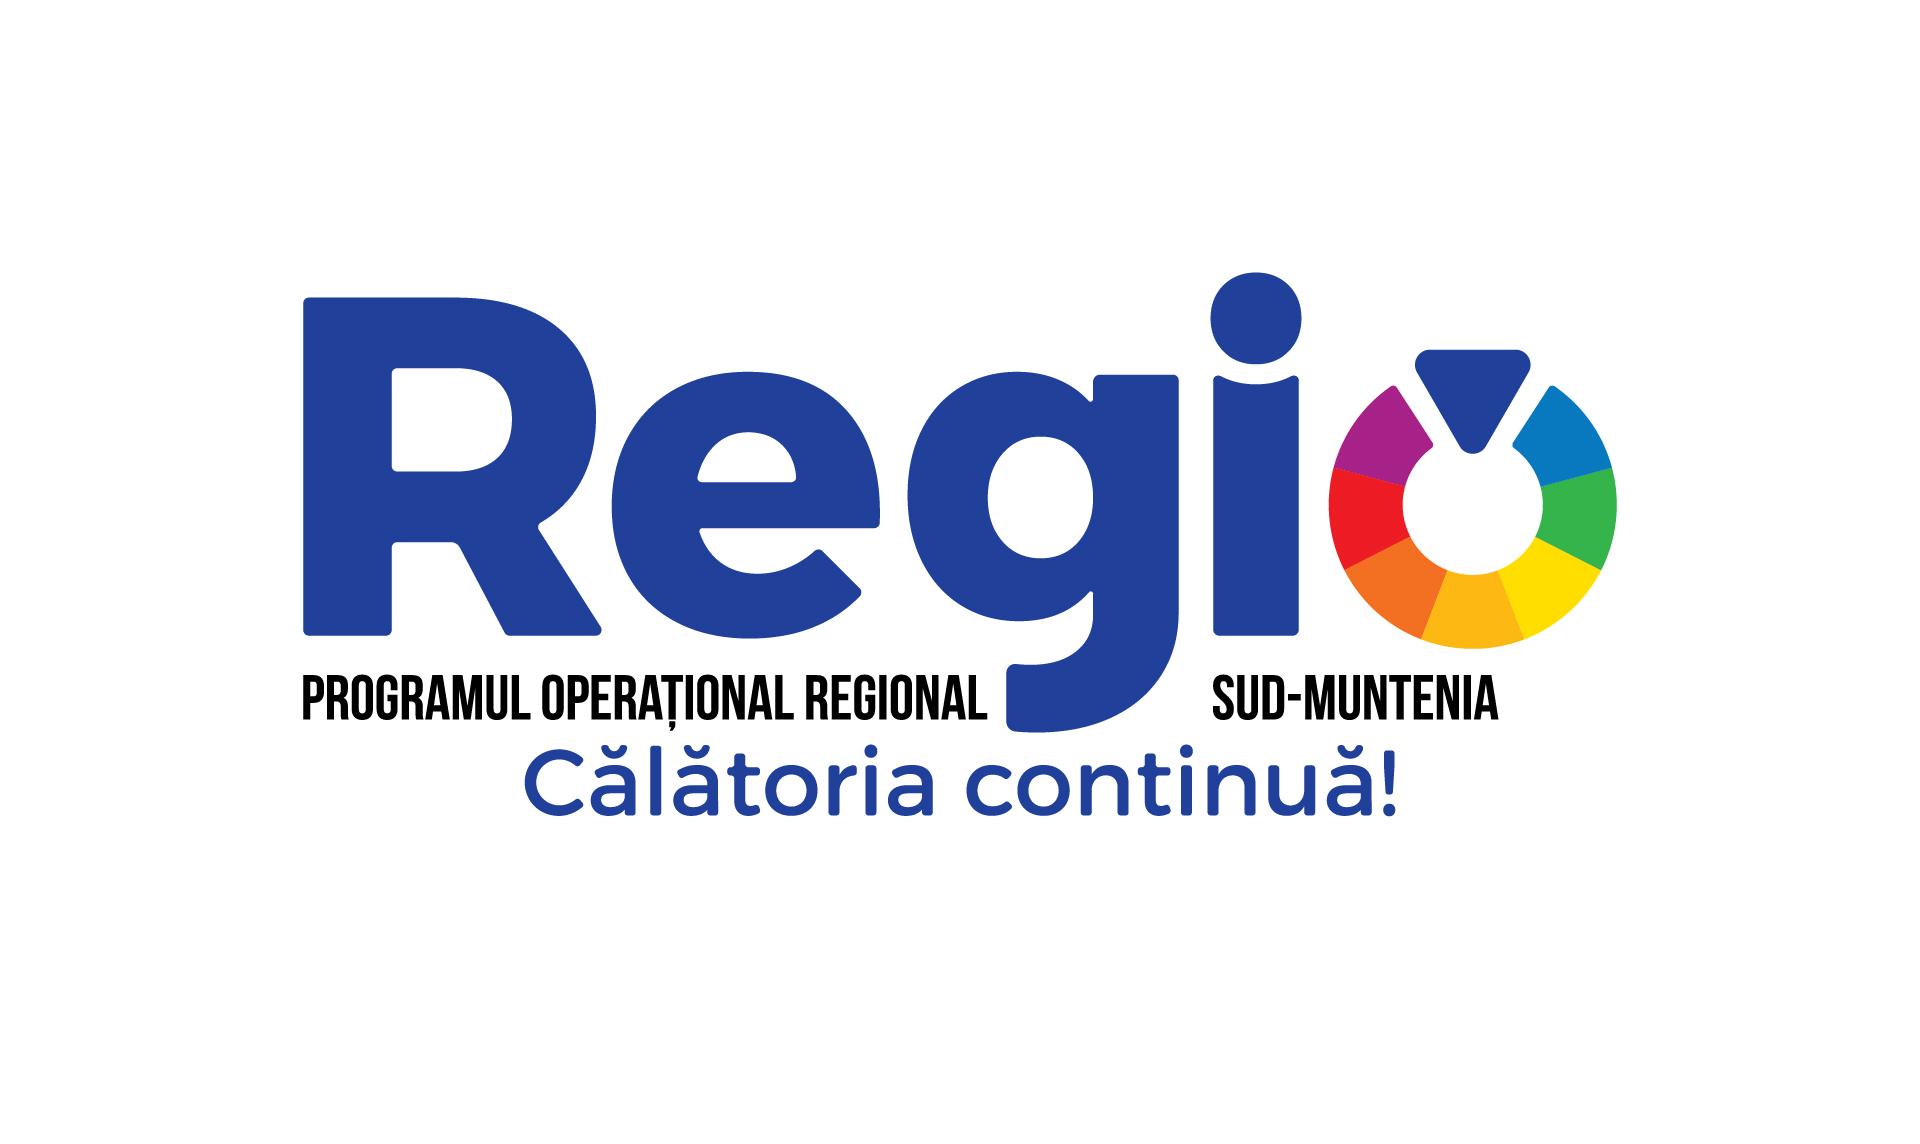 Investiții Regio pentru mobilitate urbană și revitalizarea fizică, economică și socială a comunităților defavorizate din regiunea Sud Muntenia